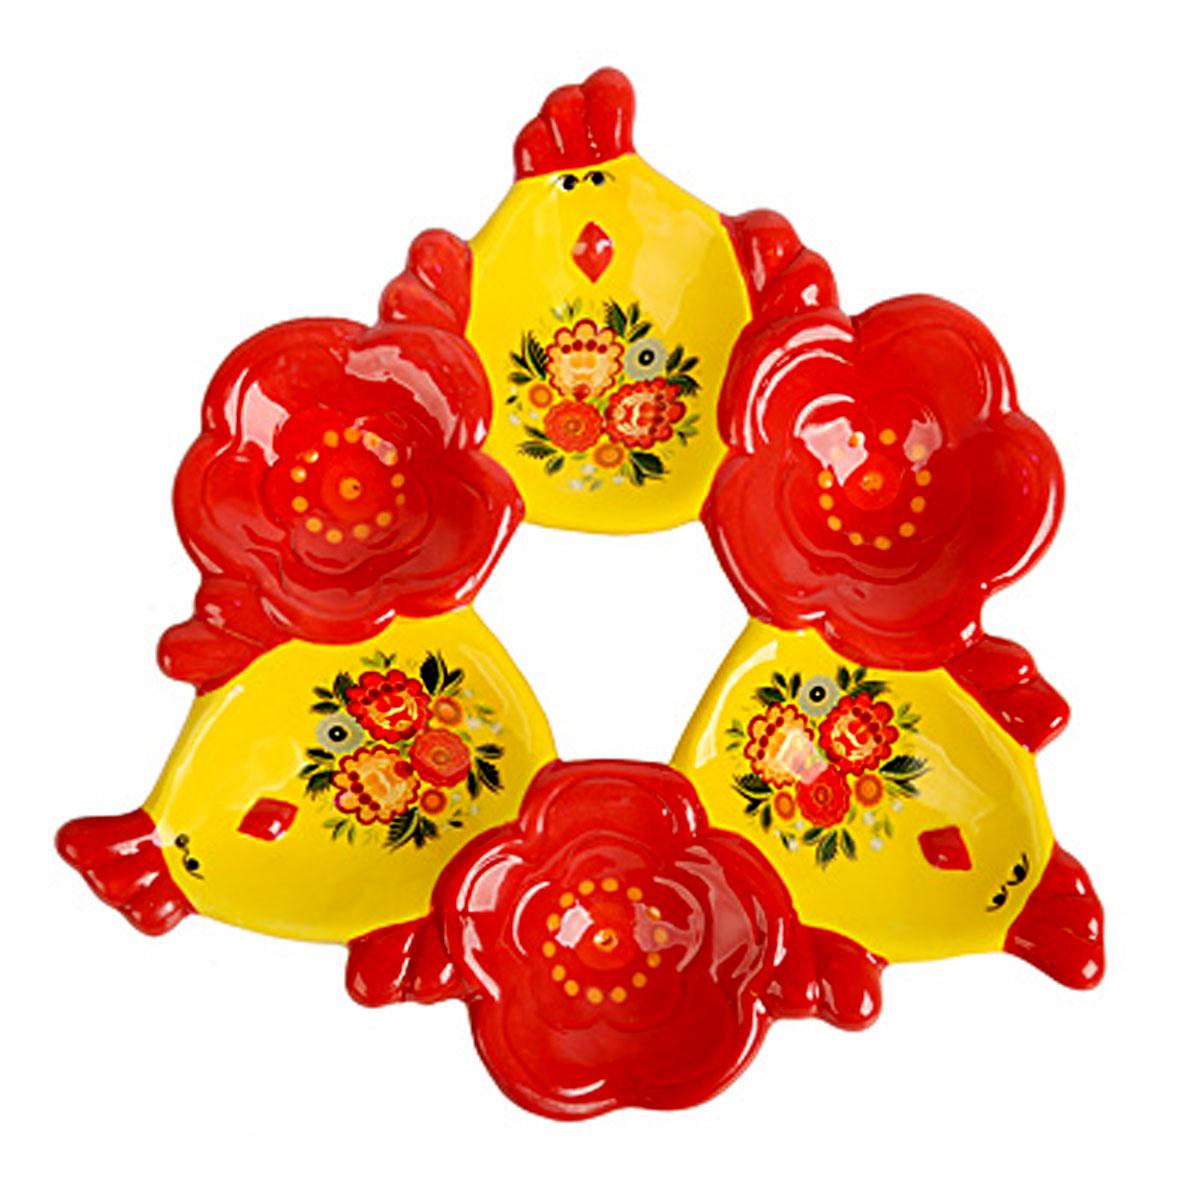 Подставка под яйца Home Queen Цветочные узоры, цвет: желтый, красный, 6 ячеек66719Подставка Home Queen Цветочные узоры станет оригинальным украшением праздничного стола на Пасху. Изделие изготовлено из керамики и служит держателем для яиц. Подставка выполнена в виде 6 ячеек в форме курочек и цветов и декорирована красивым цветочным рисунком. Подставка Home Queen Цветочные узоры может стать красивым пасхальным подарком для друзей или близких. Размер подставки: 16,5 см х 16 см х 2,5 см. Размер ячейки курица: 4 см х 5,5 см. Диаметр ячейки цветок: 4 см.